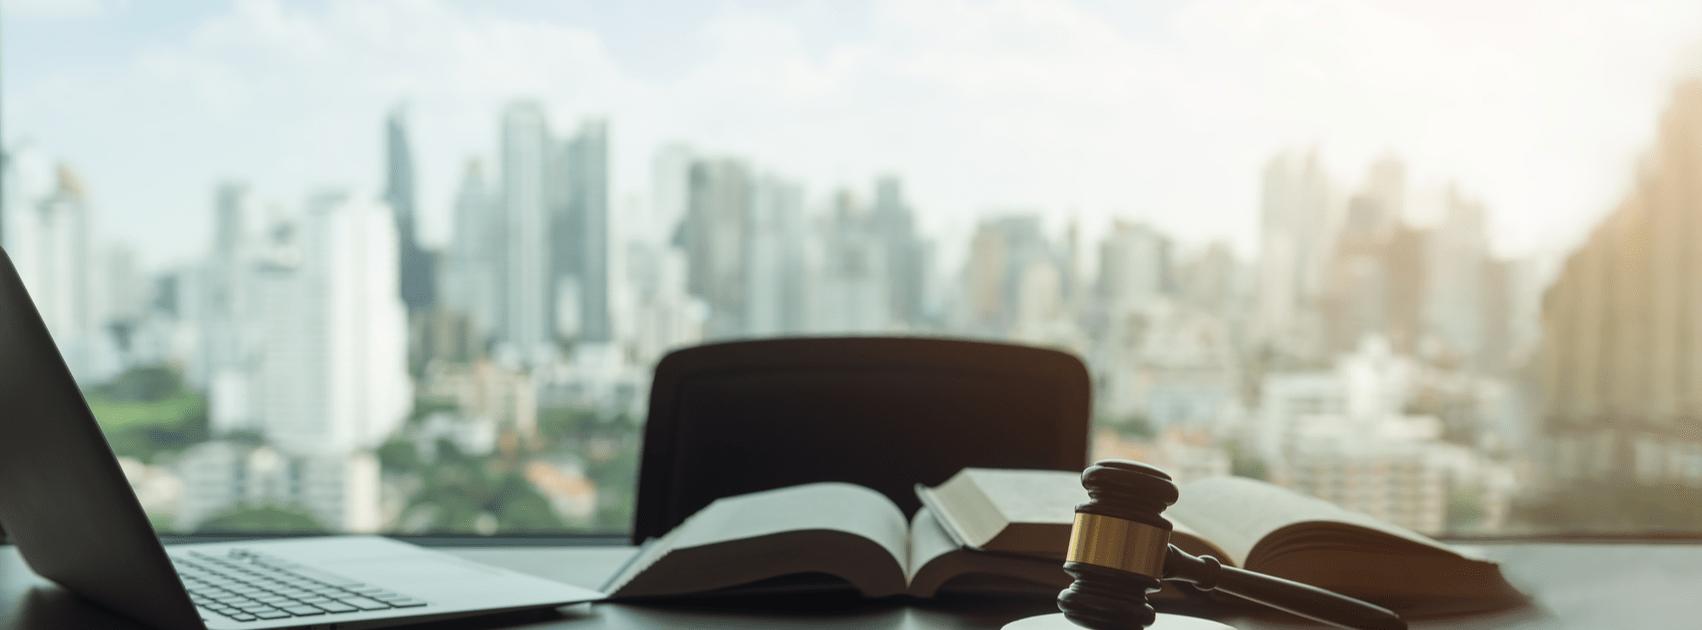 Як залучити клієнтів у юридичну компанію | Kyivstar Business Hub зображення №1